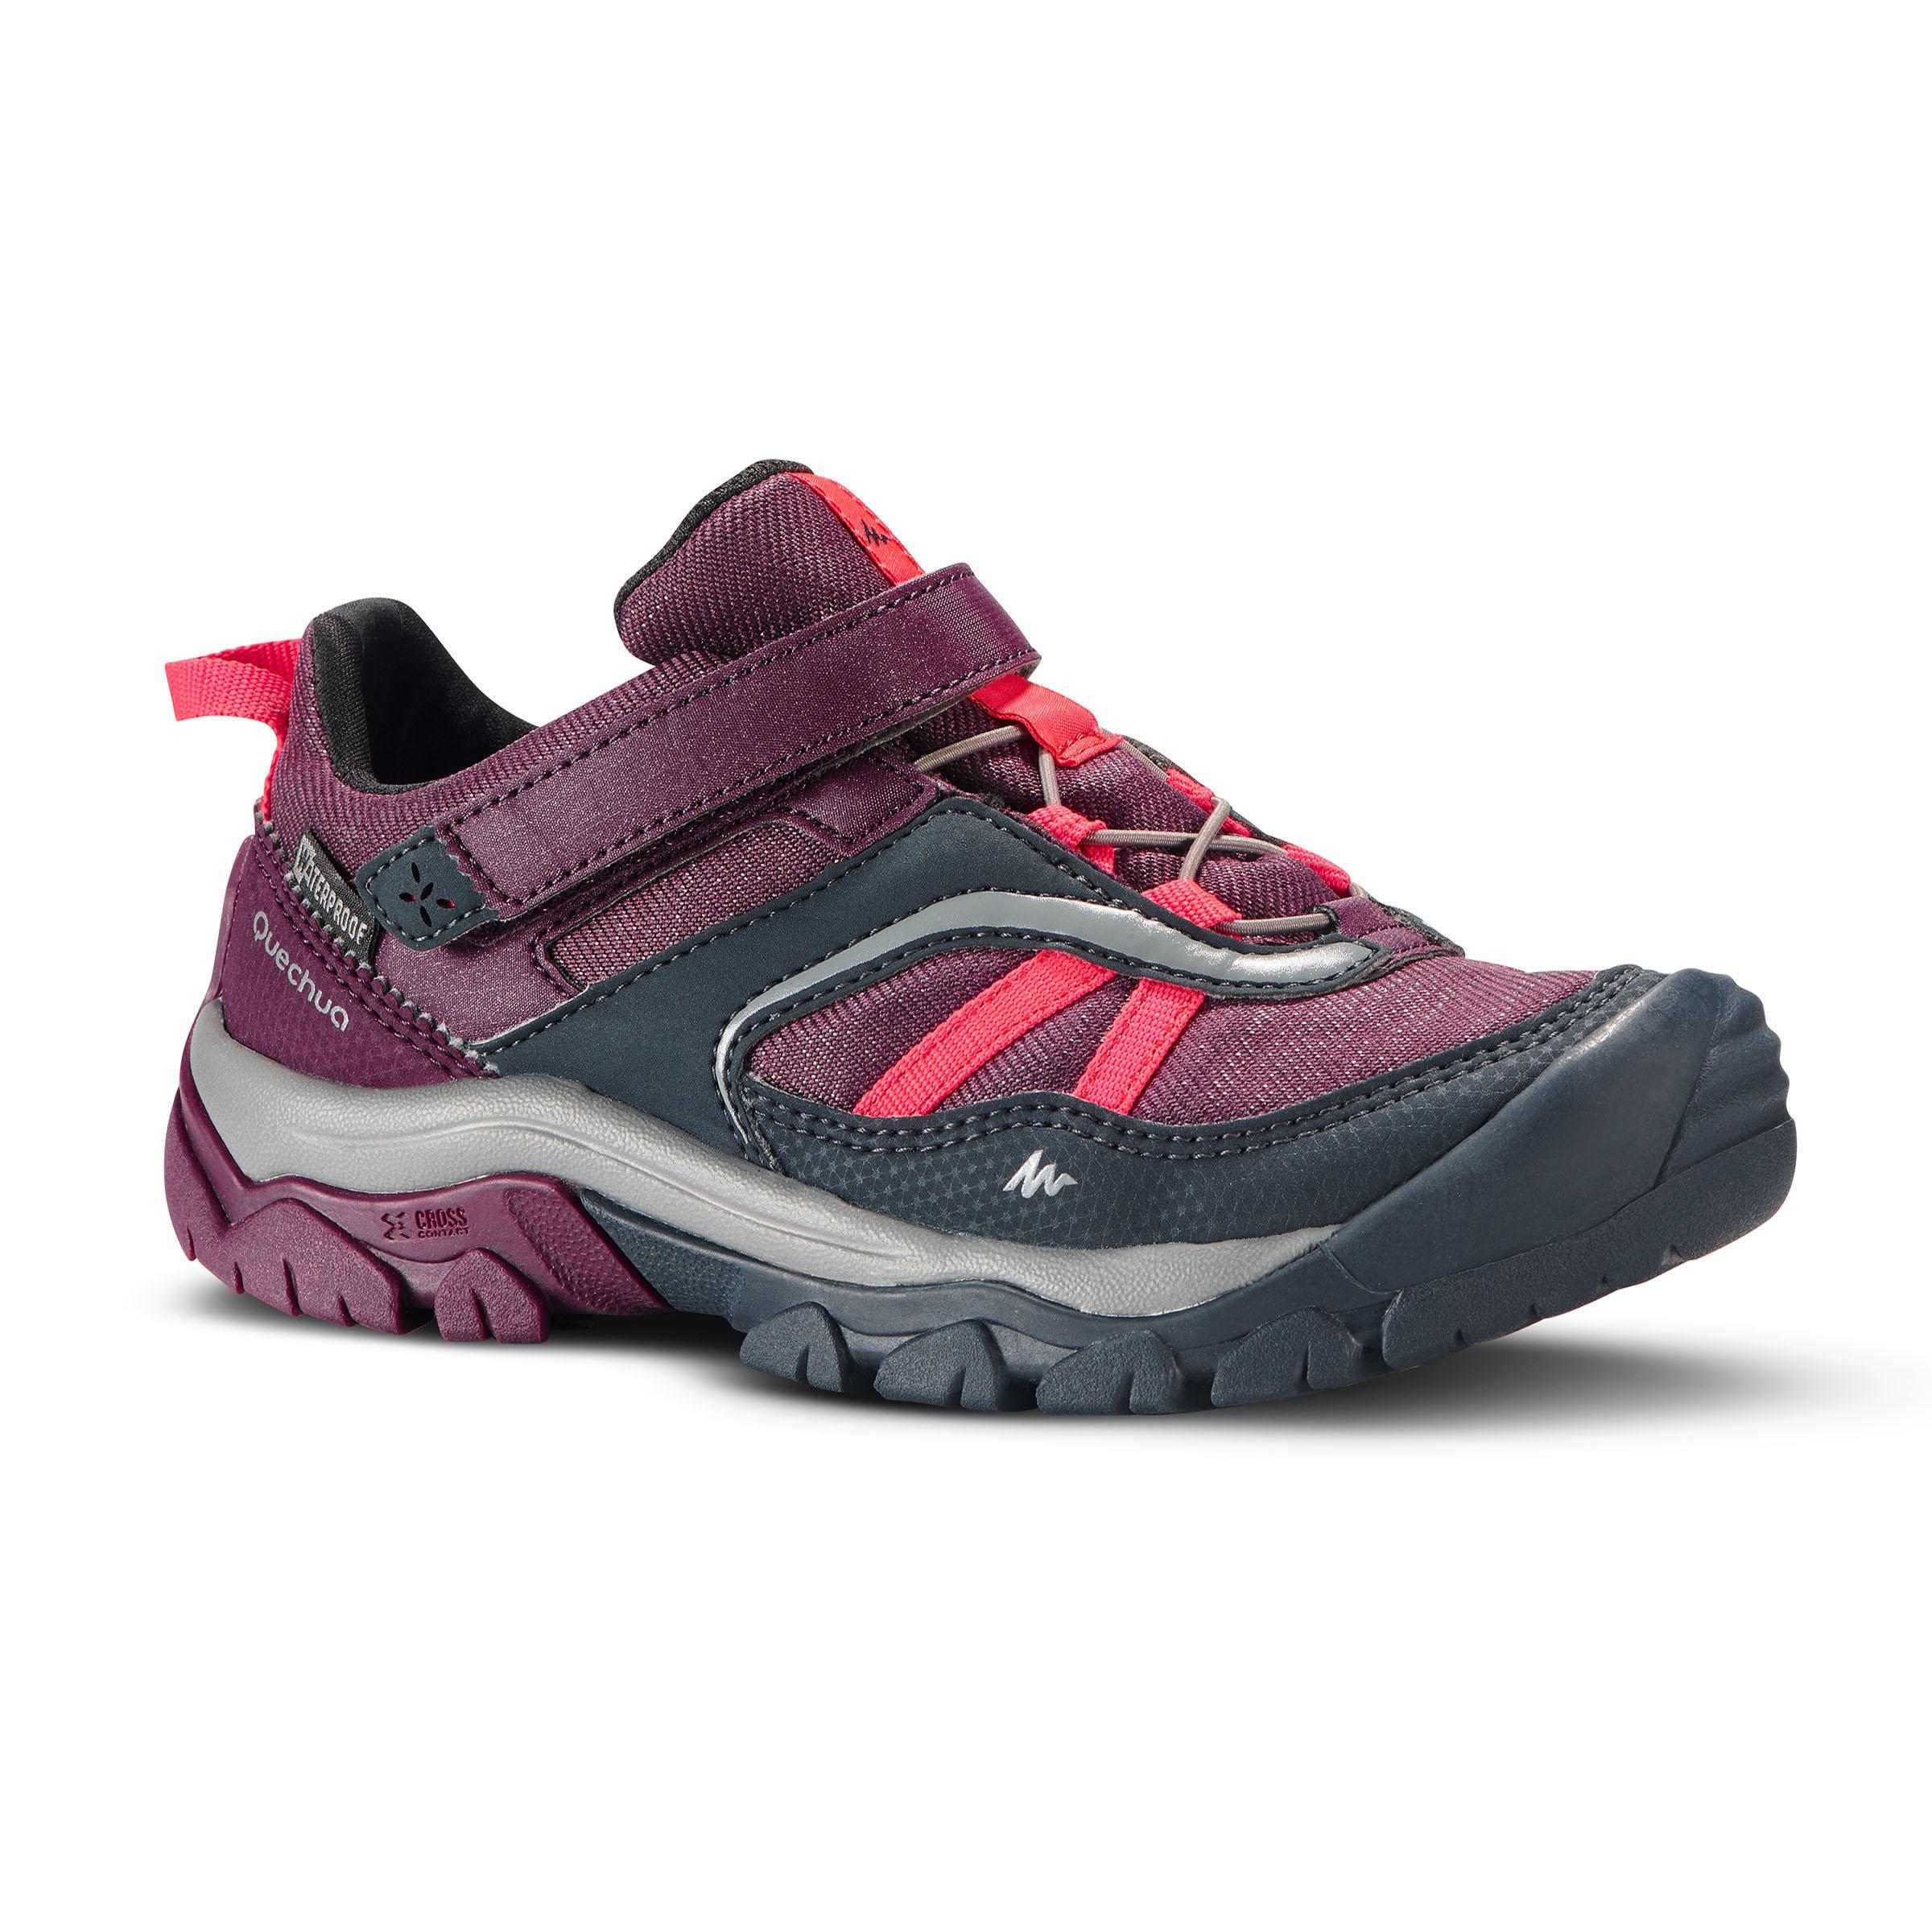 92a82e05f6c Comprar Zapatillas Deportivas para Niños Online | Decathlon